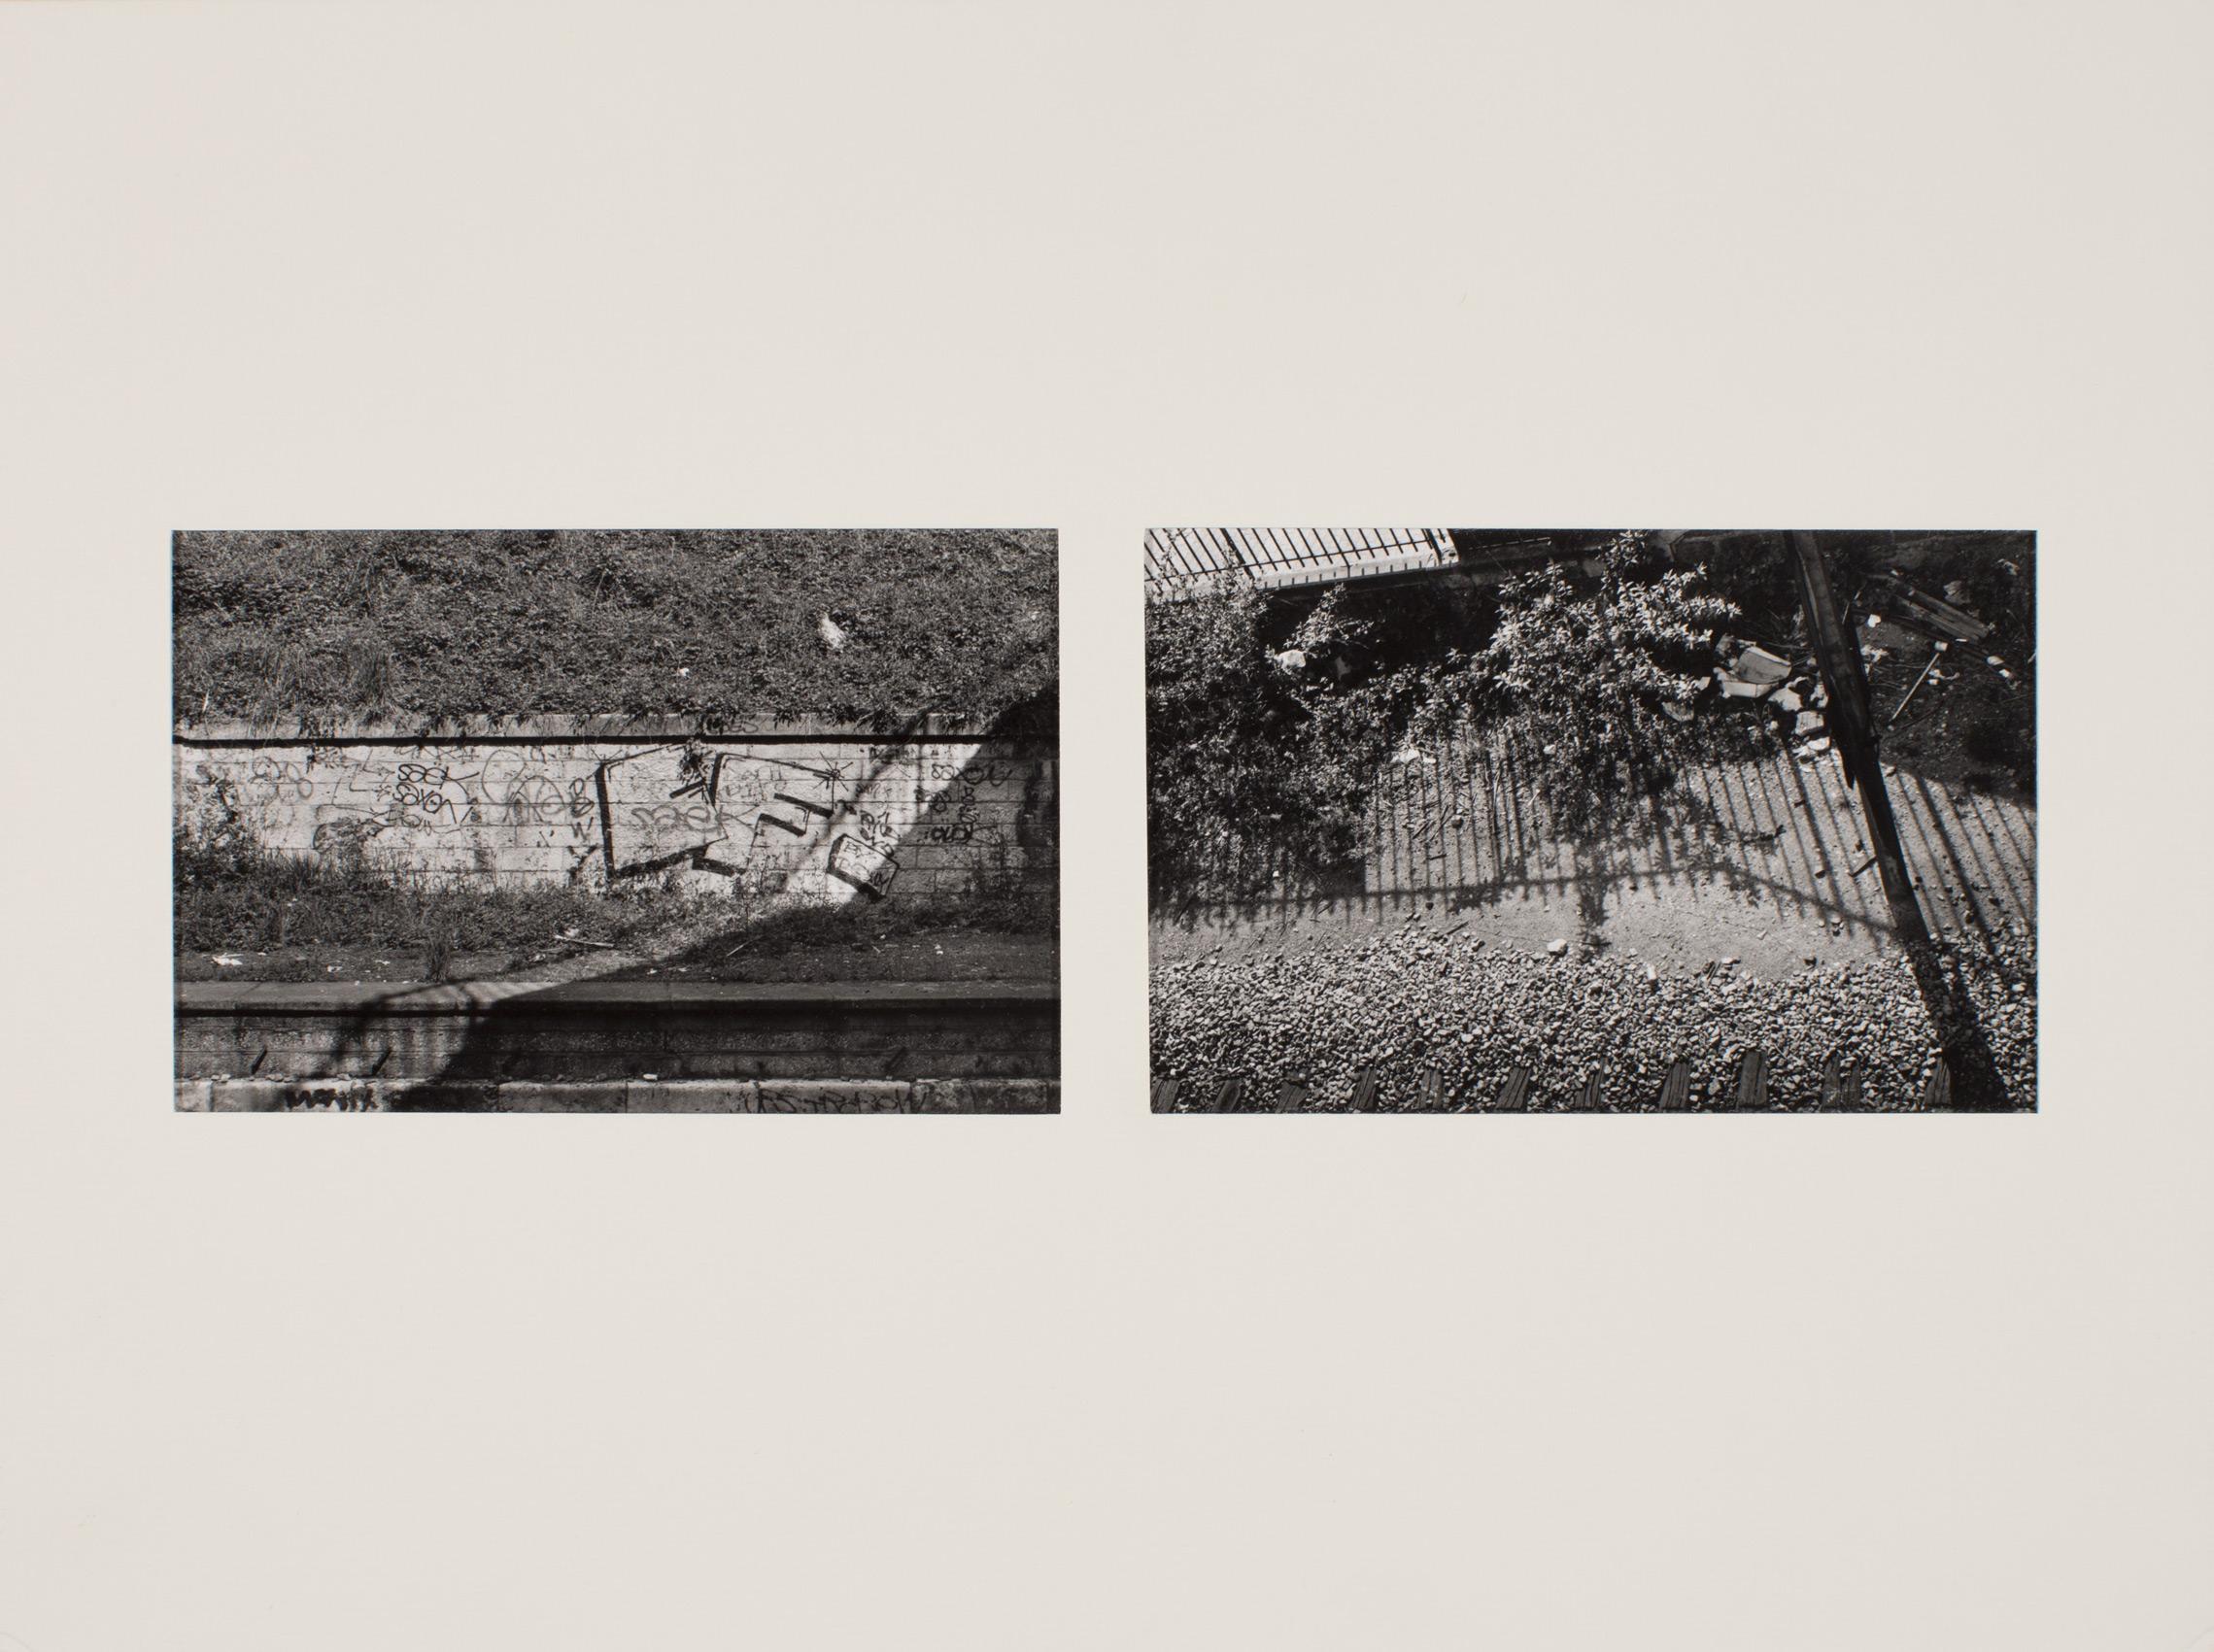 marcher/créer, déambuler, parcourir, photographier le paysage de Paris, paysage urbain, paysage ferroviaire, territoire de Paris, la petite ceinture, la ligne de la petite ceinture